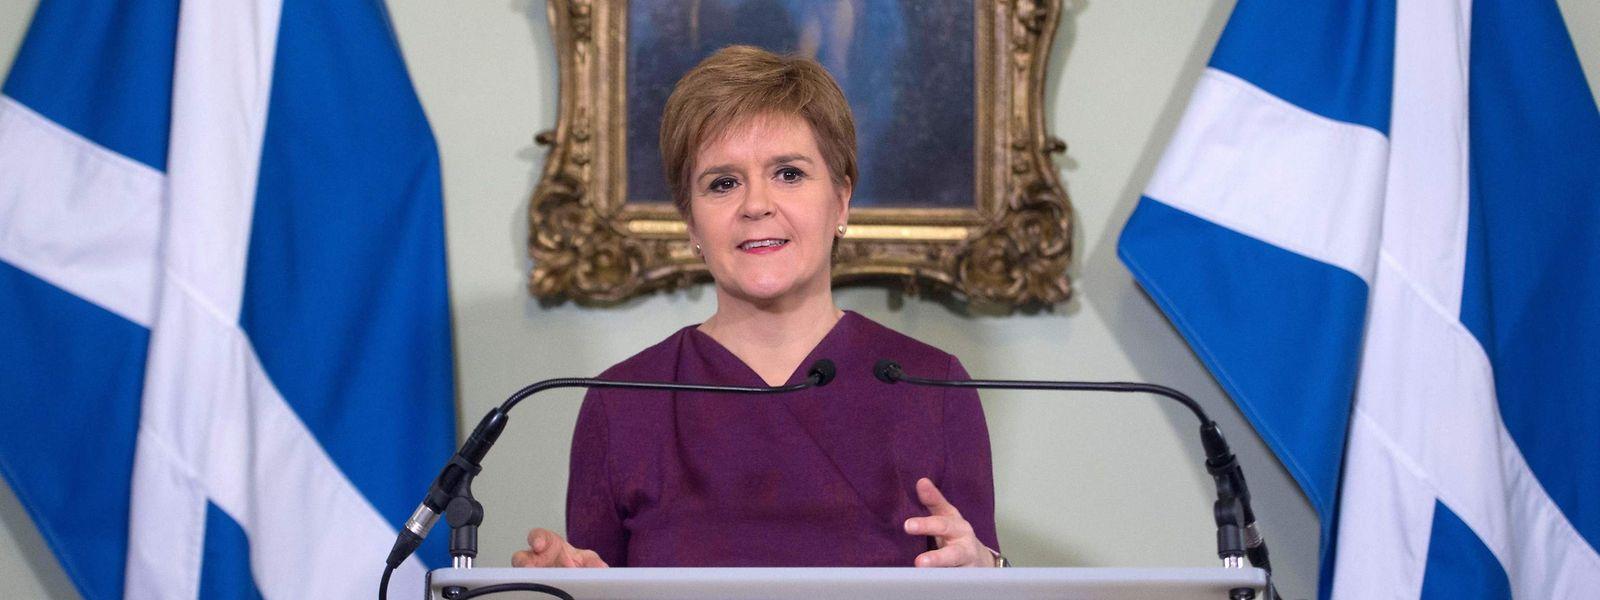 Die schottische Regierungschefin Nicola Sturgeon am Donnerstag im Bute House in Edinburgh.